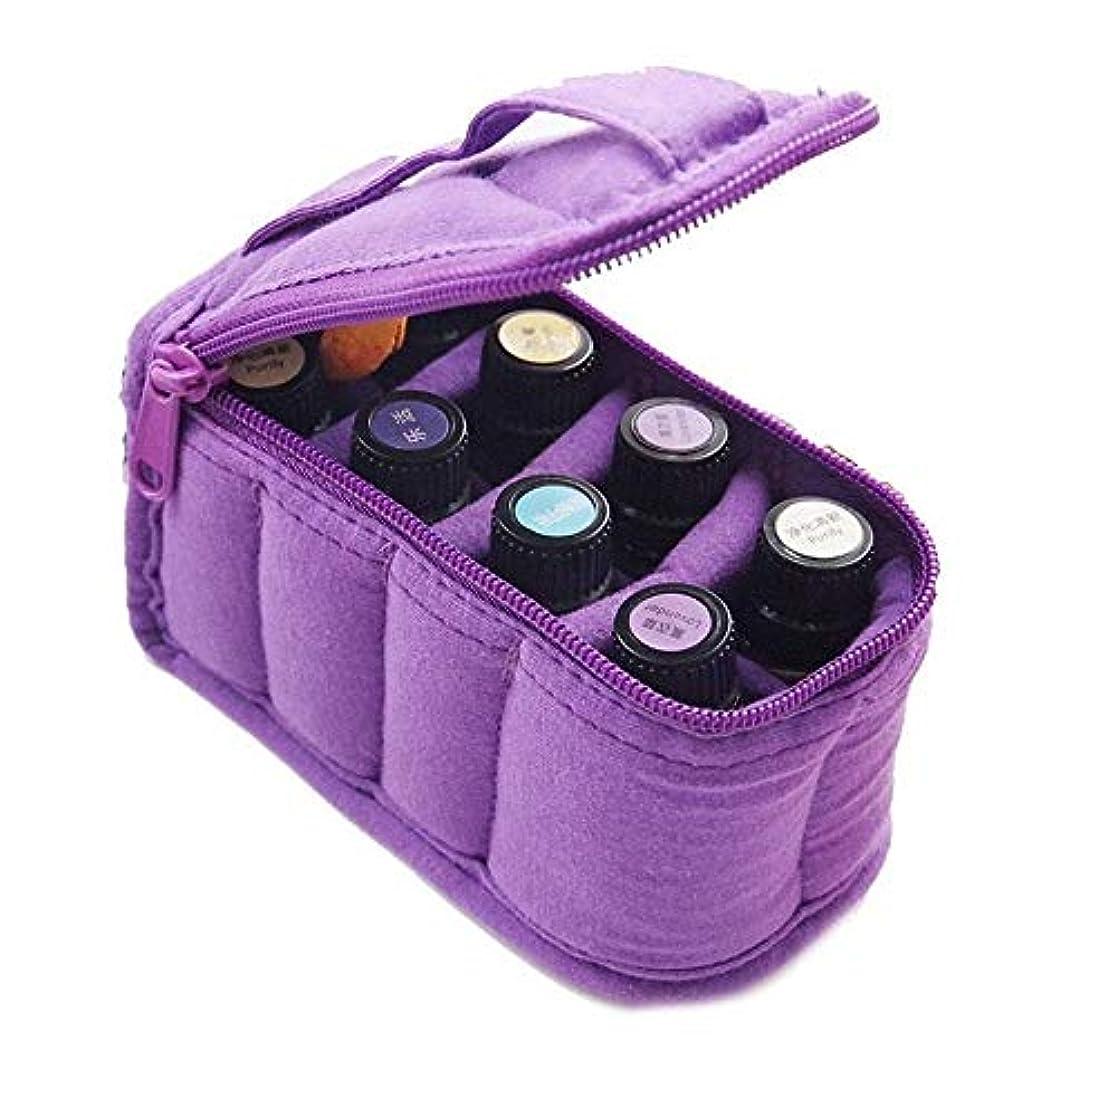 フライト合併ステープルエッセンシャルオイルストレージボックス エッセンシャルオイルキャリングケースプレミアム保護10-15ML油オーガナイザーバッグ(パープル)を保持しています 旅行およびプレゼンテーション用 (色 : 紫の, サイズ : 13X7X7.5CM)